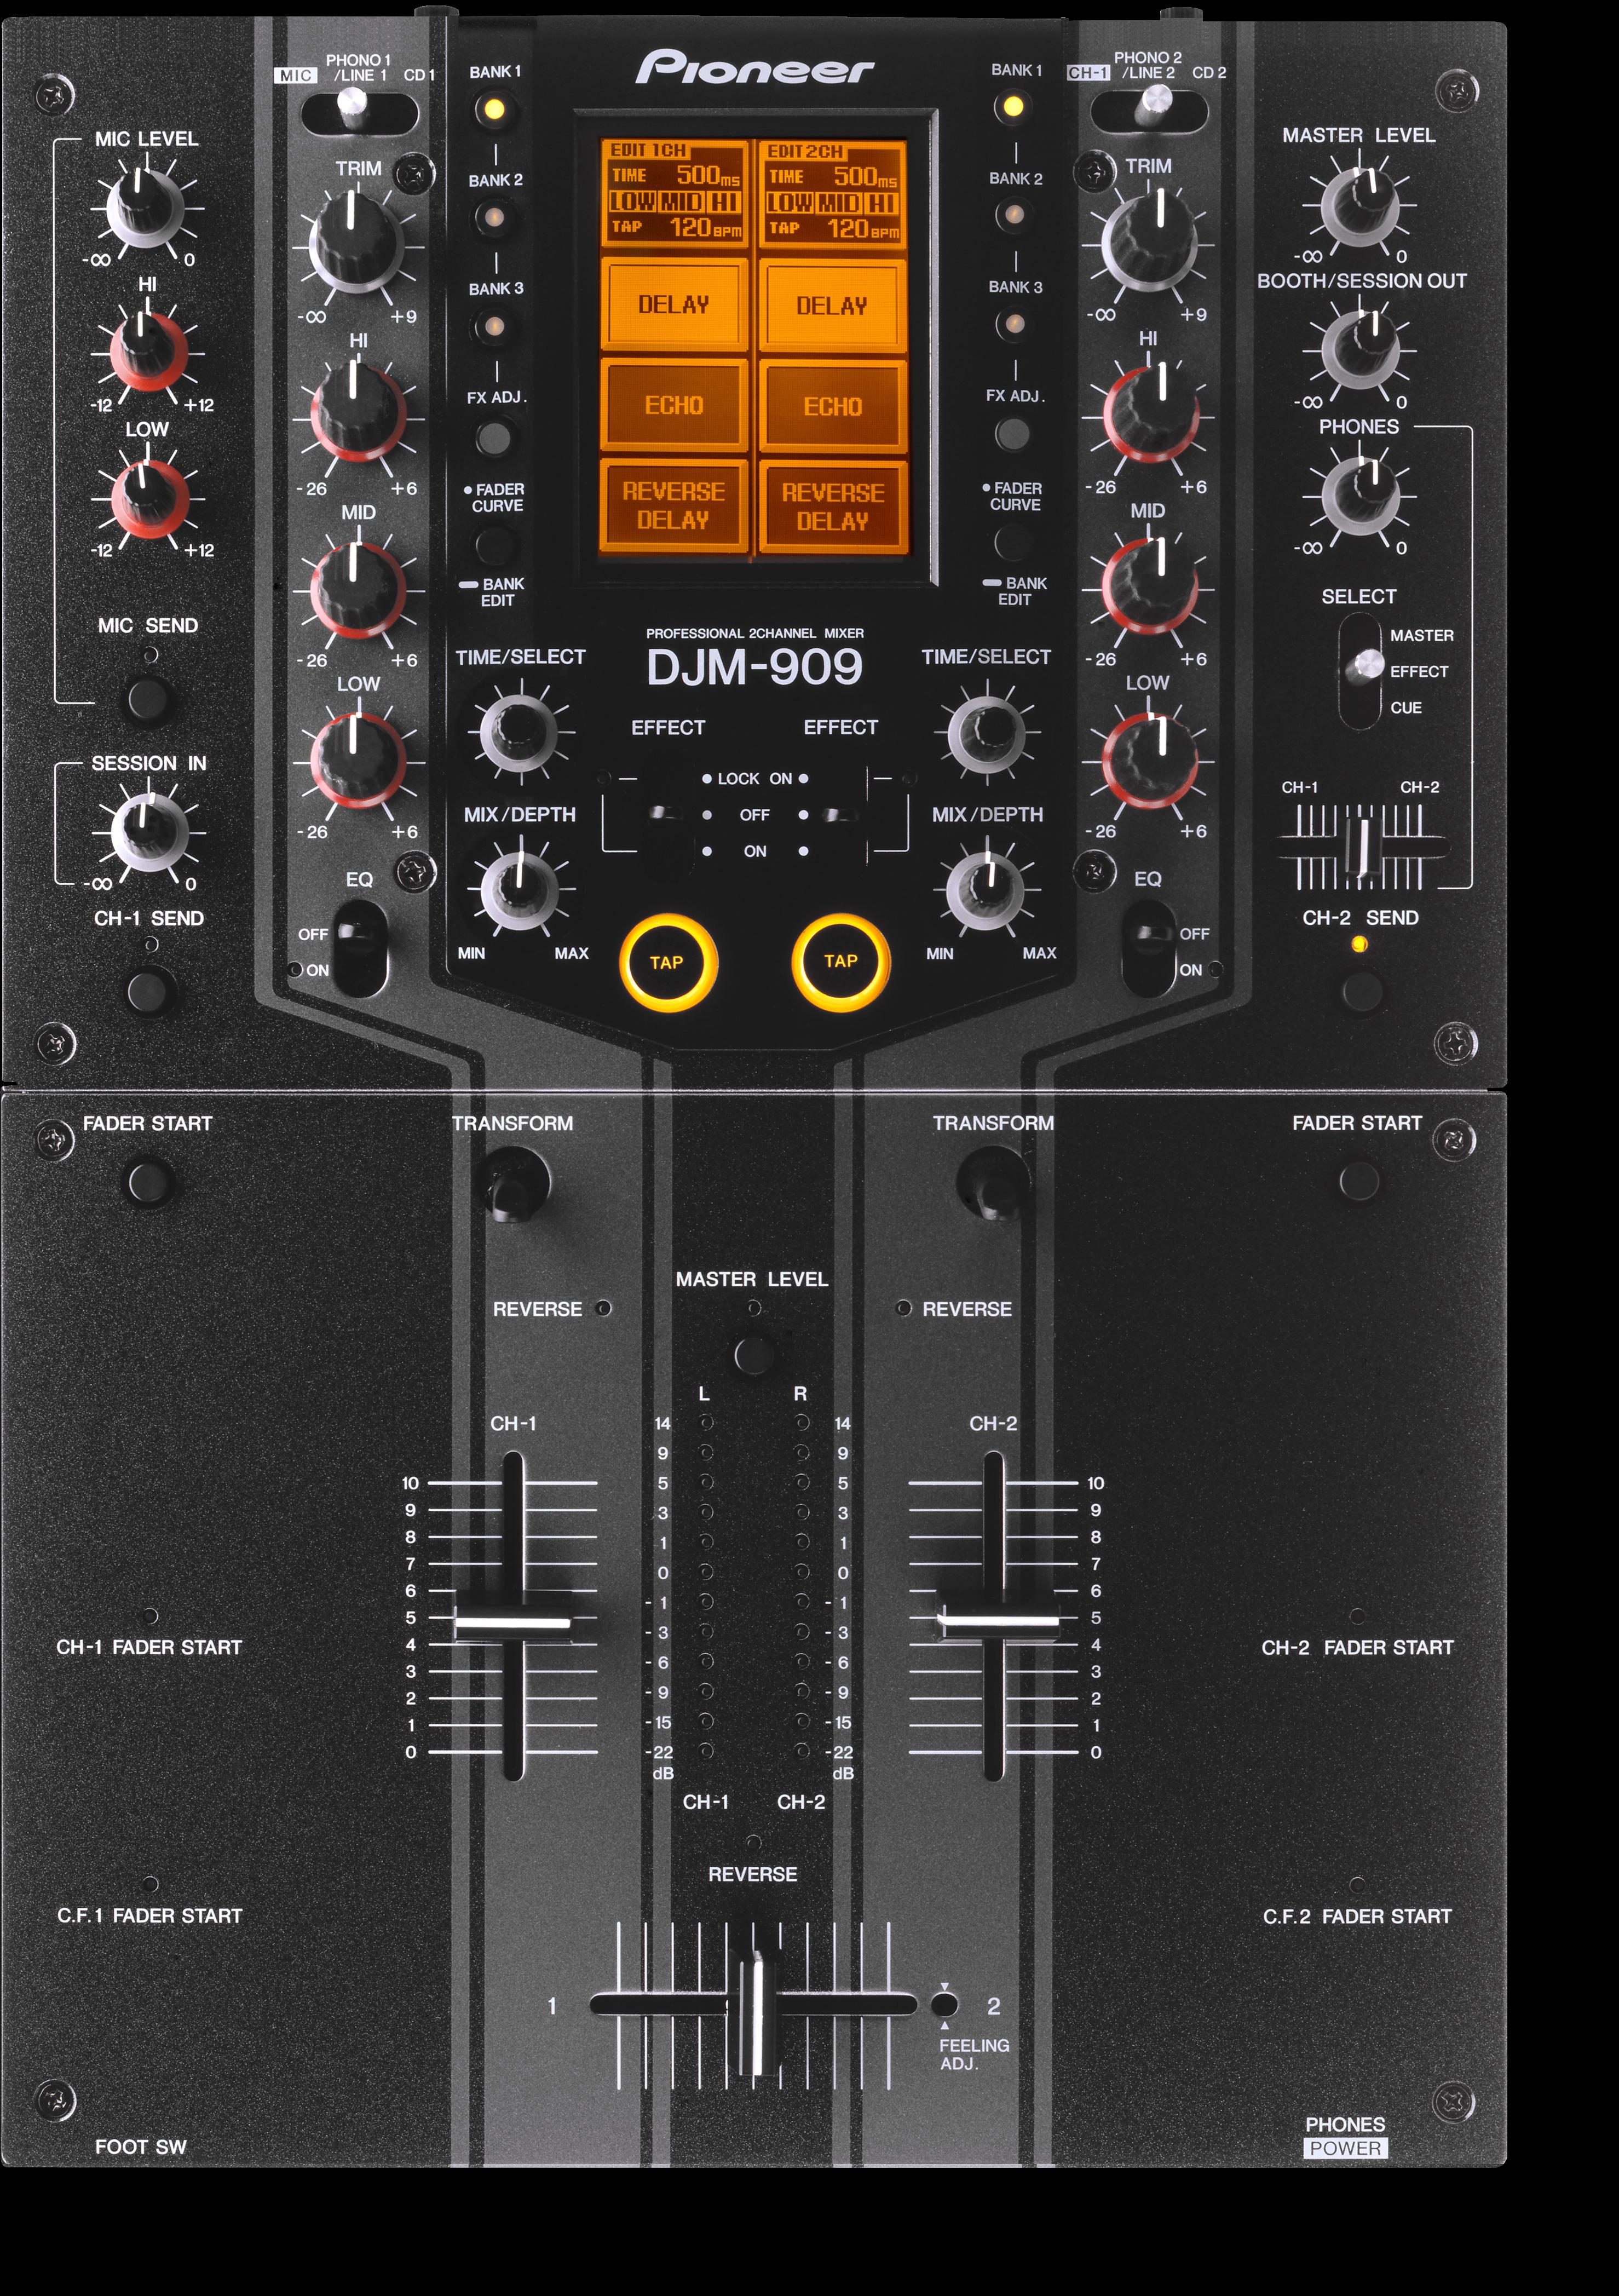 DJM-909